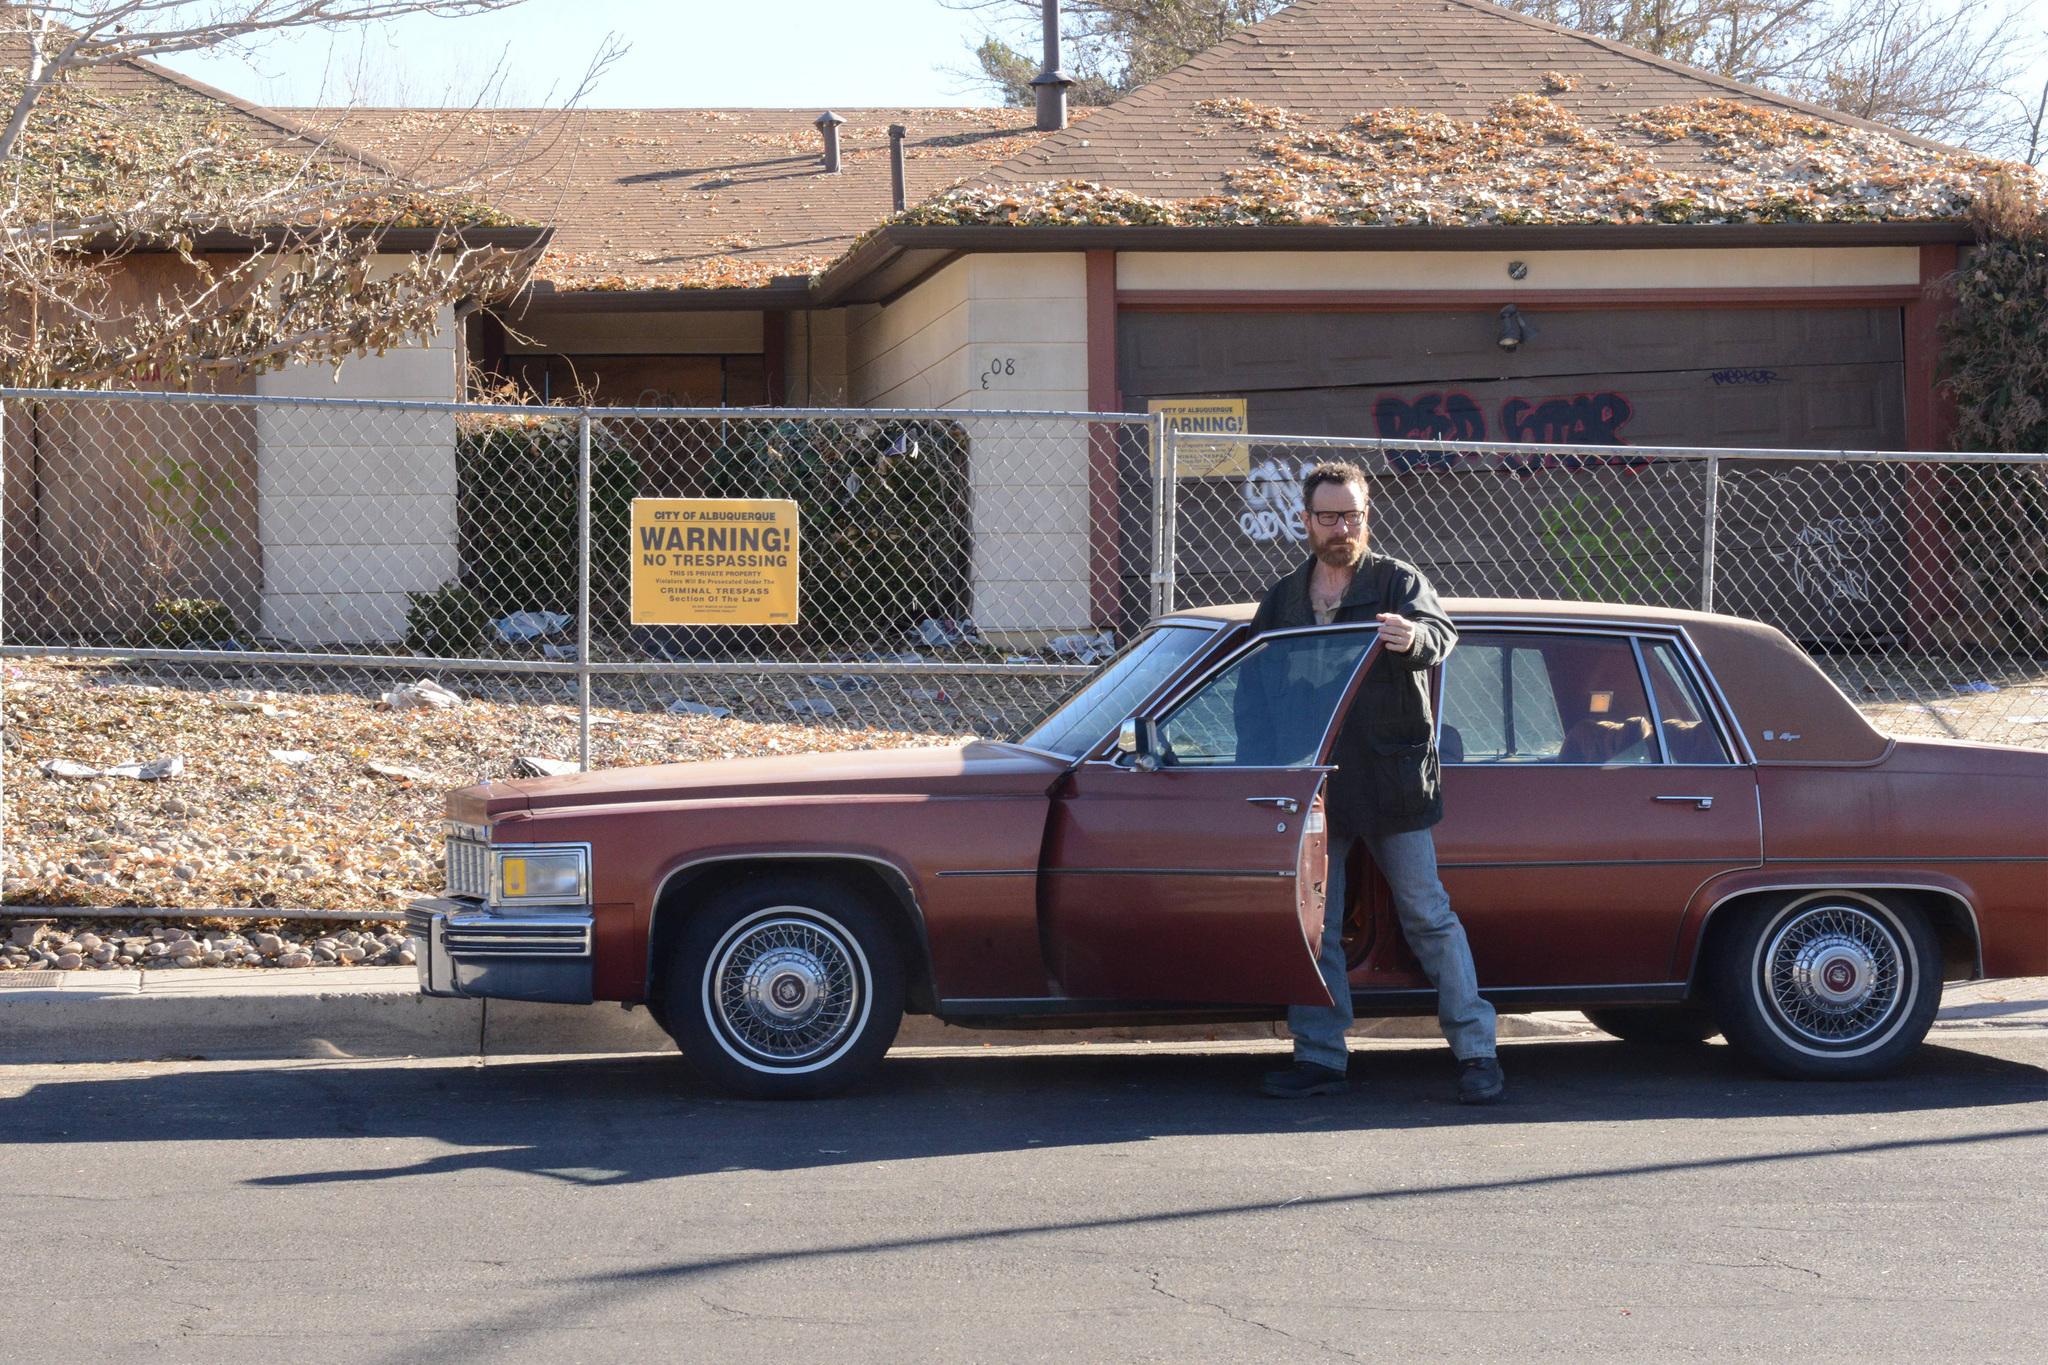 1977 Cadillac Sedan DeVille | Breaking Bad Wiki | FANDOM powered by